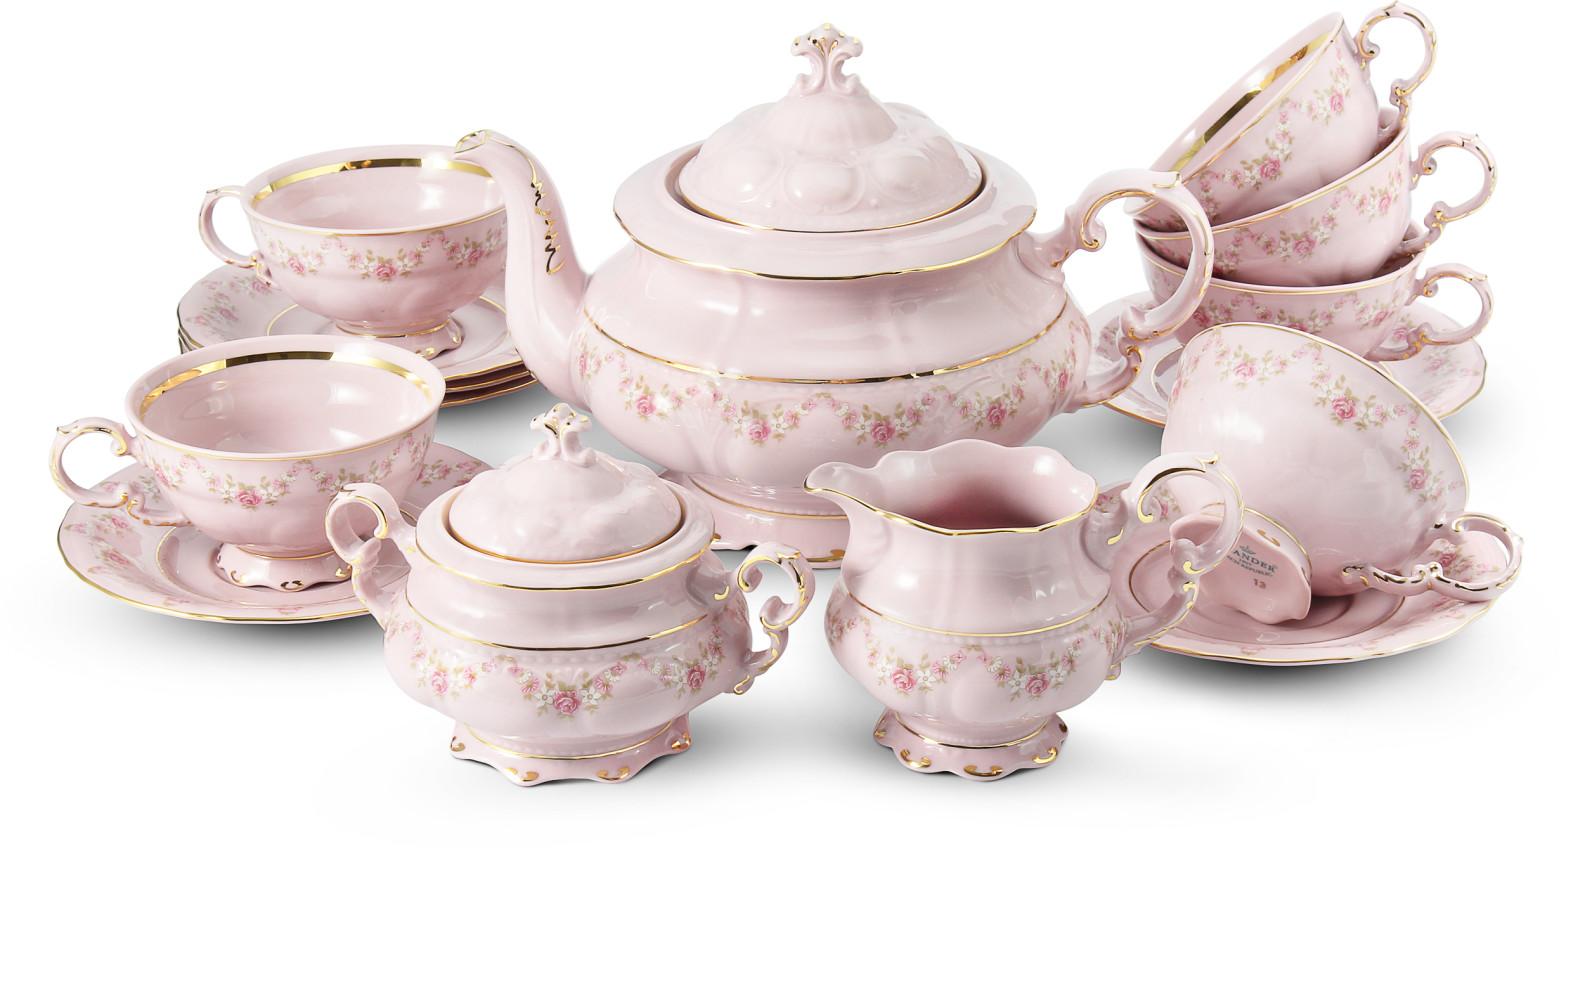 Čajová souprava Girlanda z růží růžový porcelán